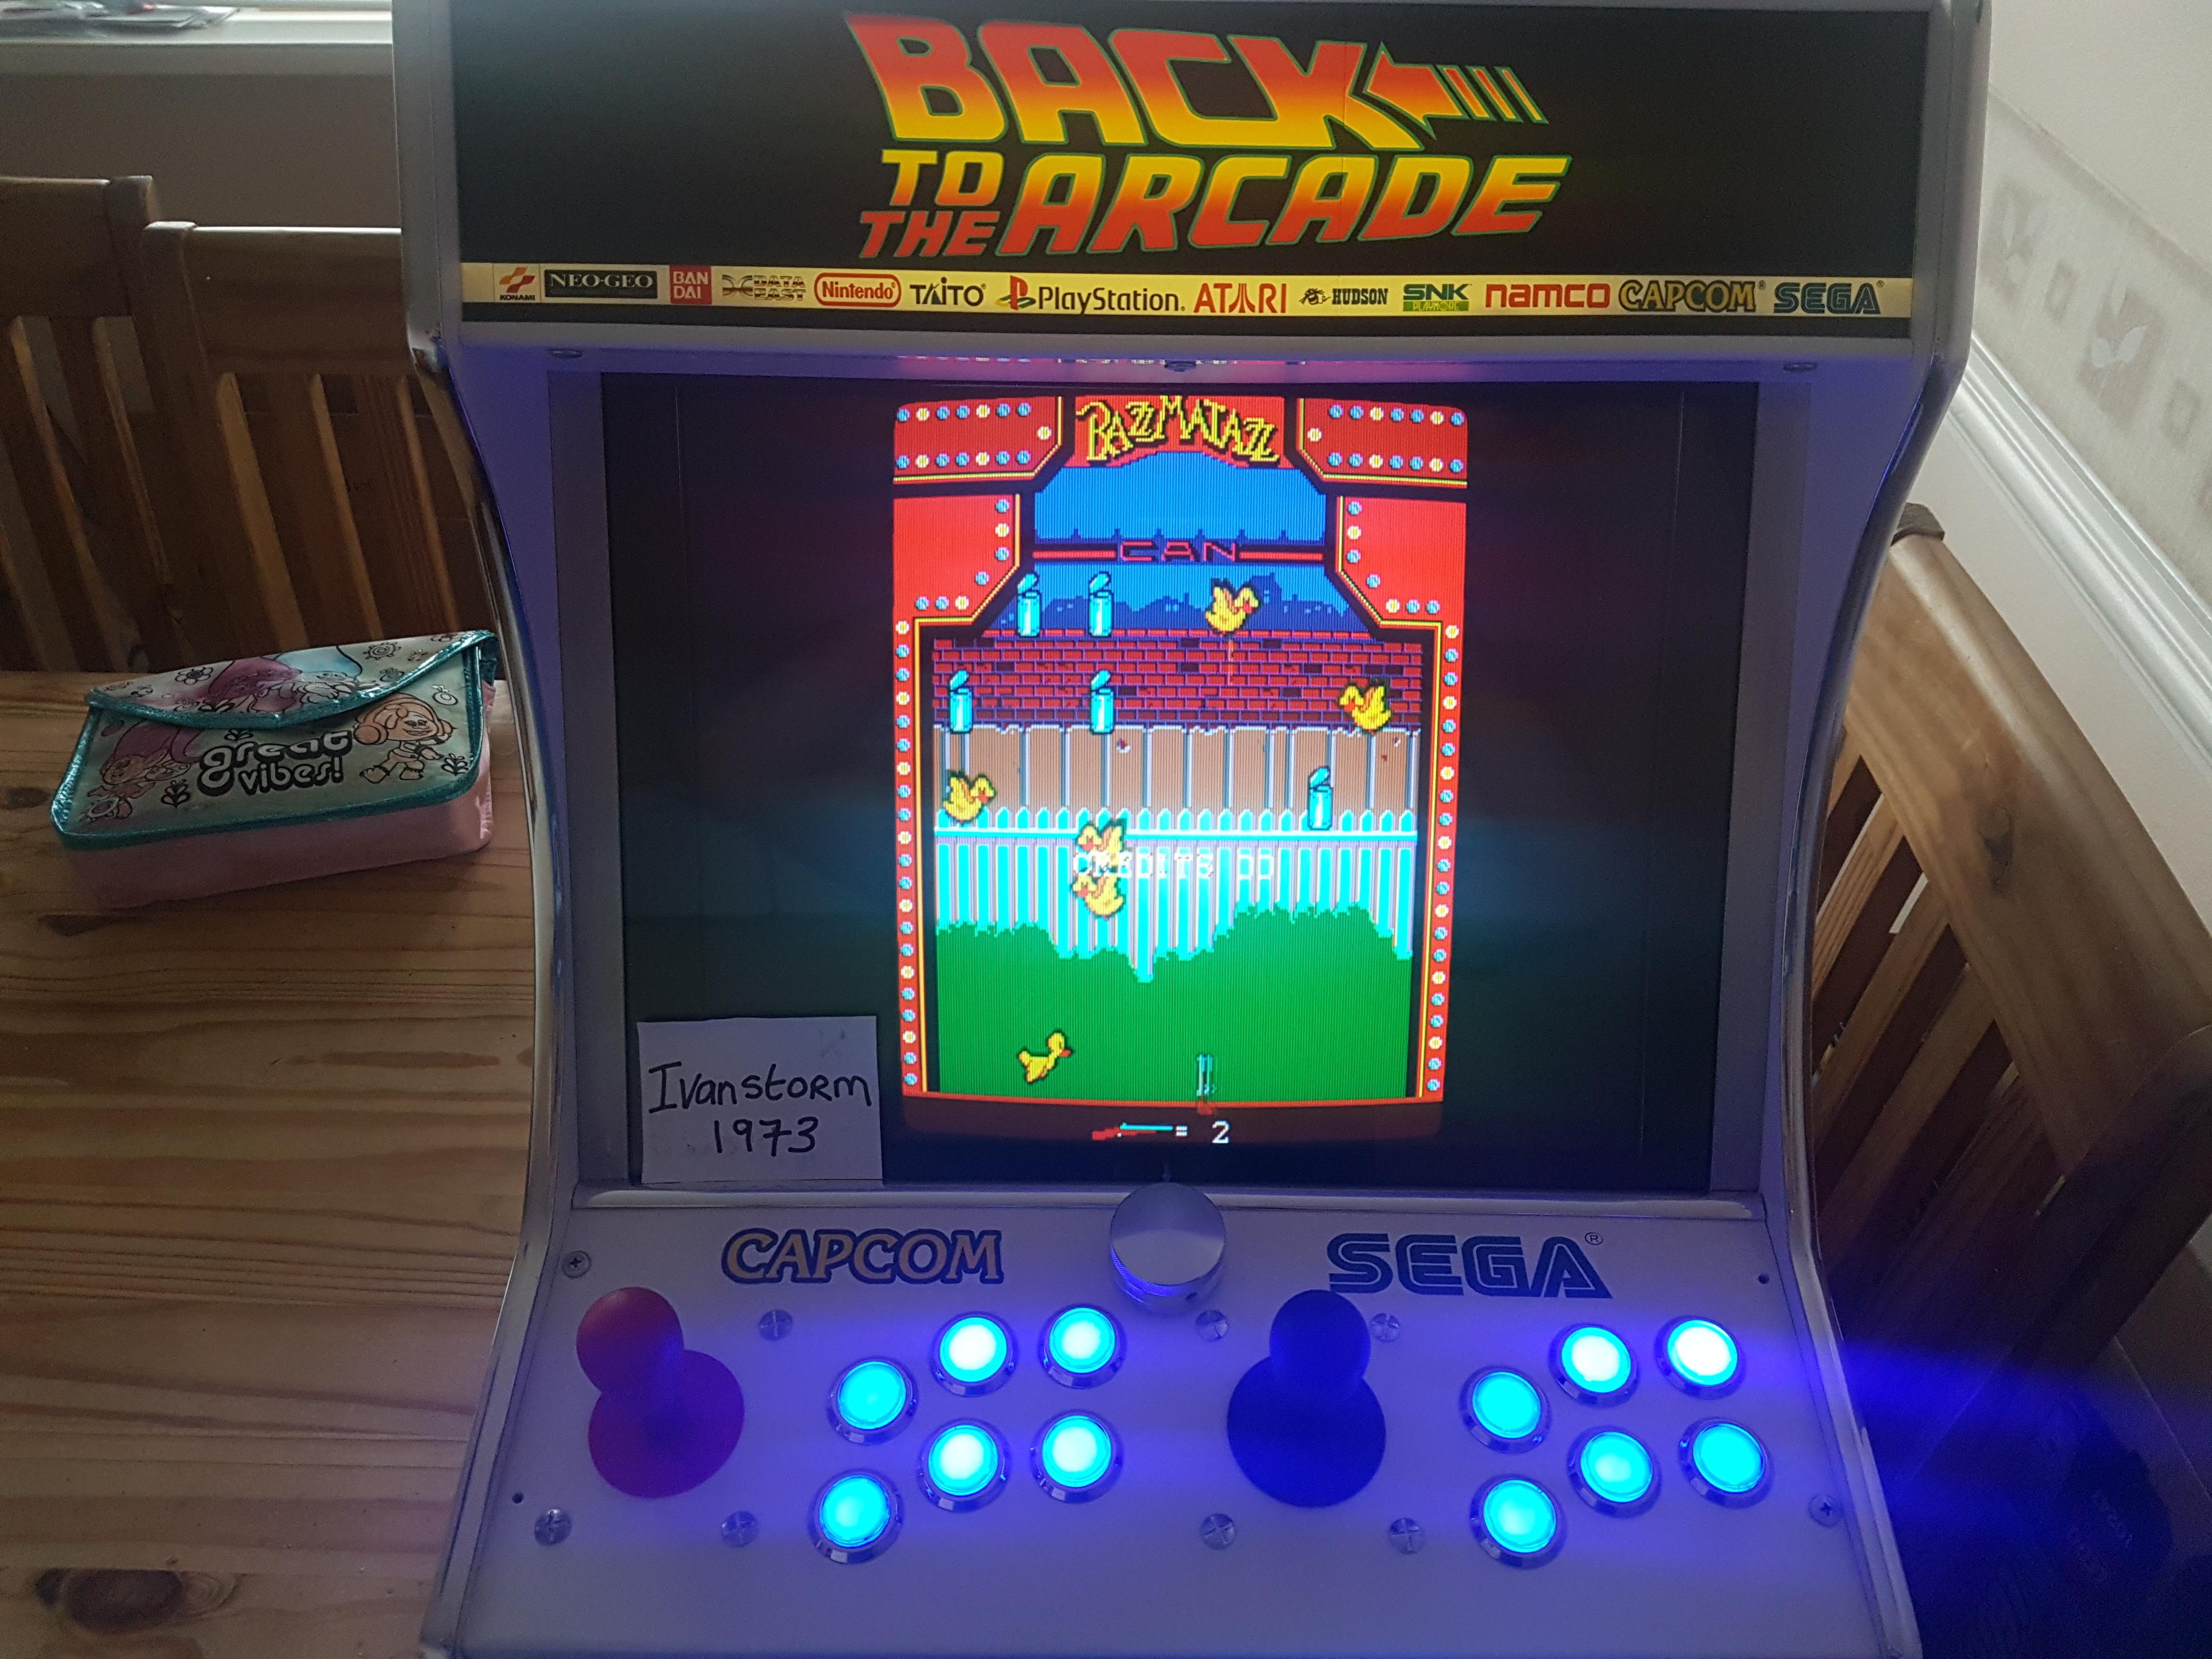 Ivanstorm1973: Razzmatazz [razmataz] (Arcade Emulated / M.A.M.E.) 44,770 points on 2017-08-16 03:09:40